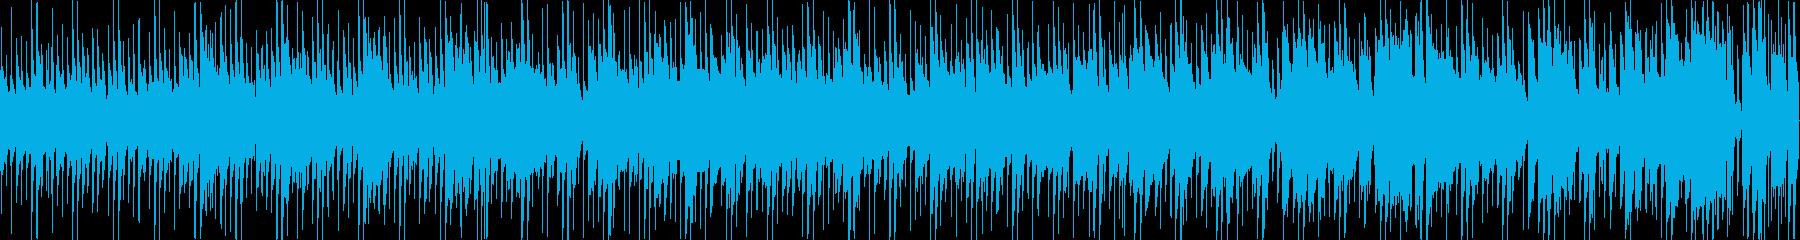 ギラギラした常夏の国のサルサBGMの再生済みの波形